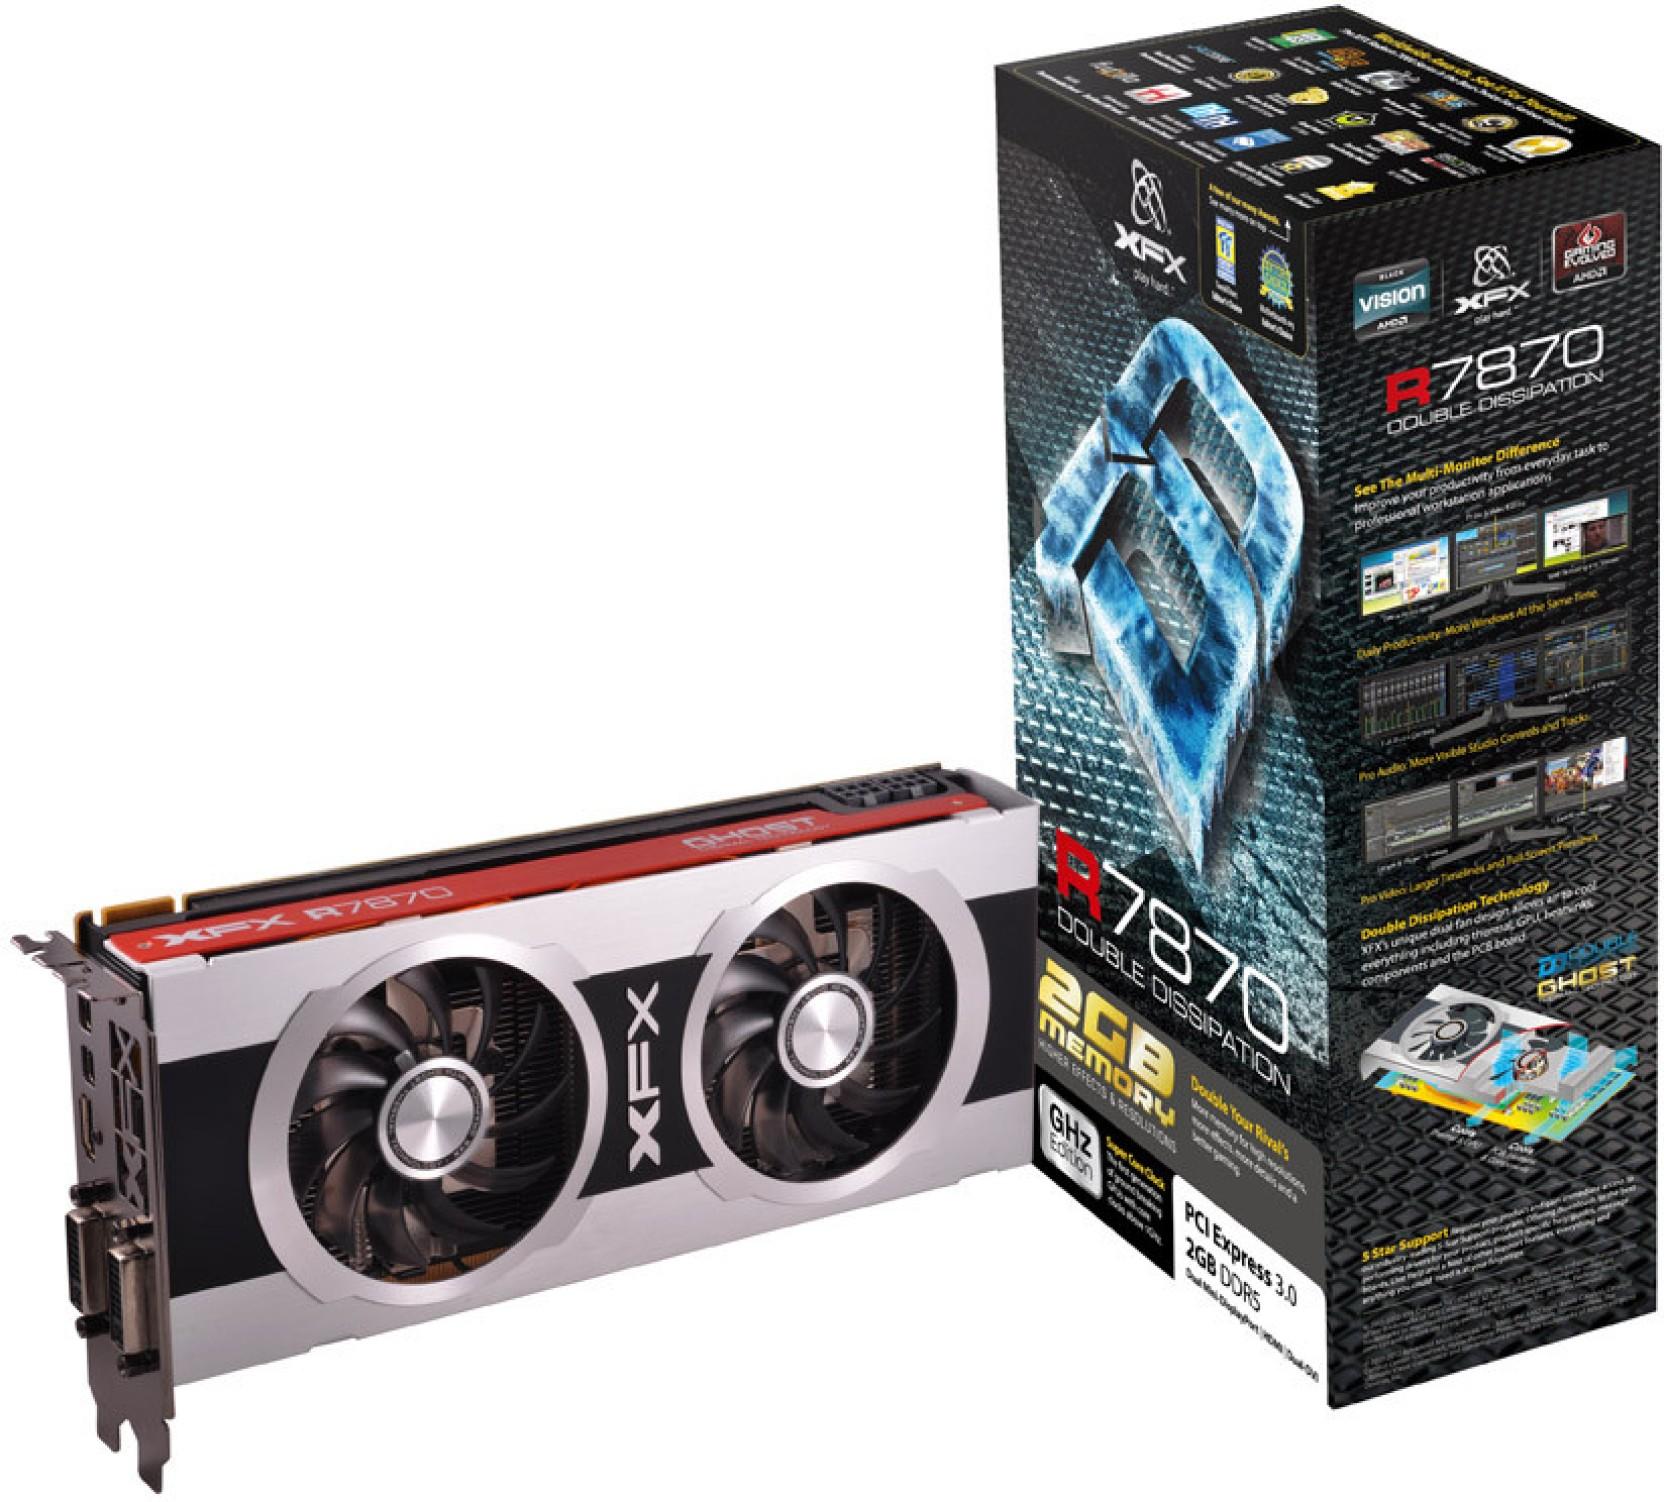 XFX AMD/ATI HD 7870 2 GB DDR5 Graphics Card - XFX ...